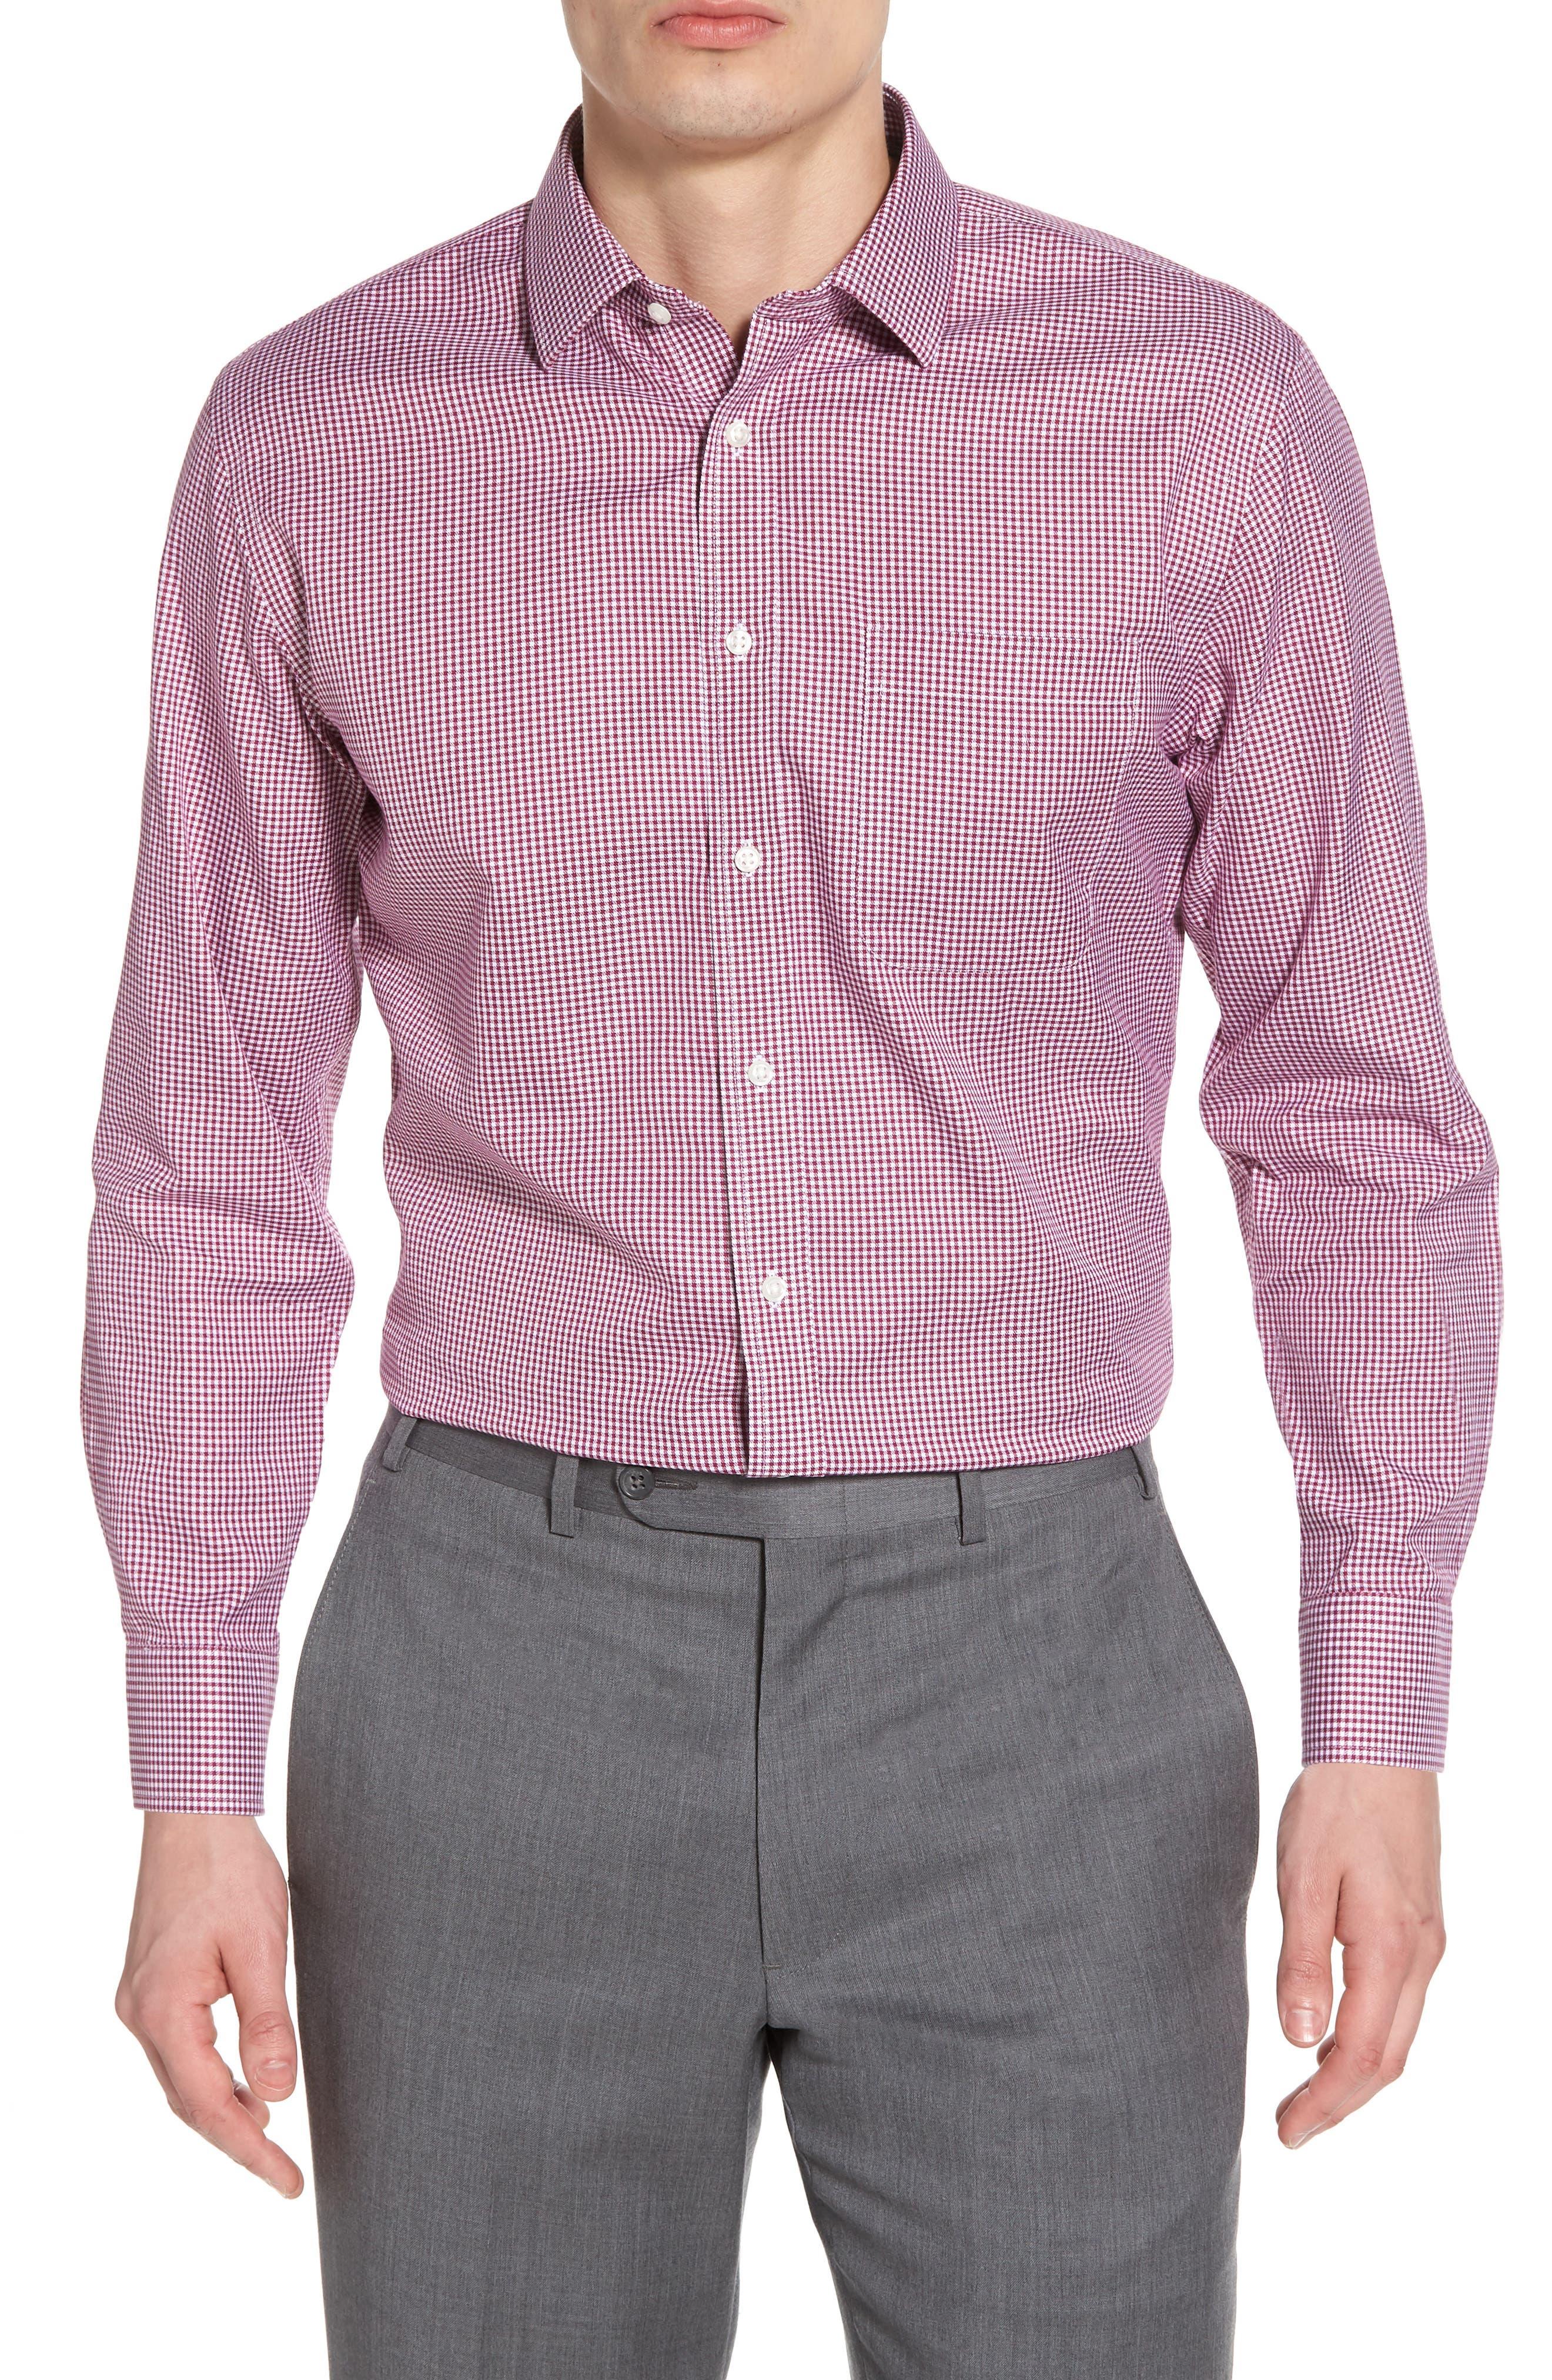 Main Image - Nordstrom Men's Shop Smartcare™ Trim Fit Mini Check Dress Shirt